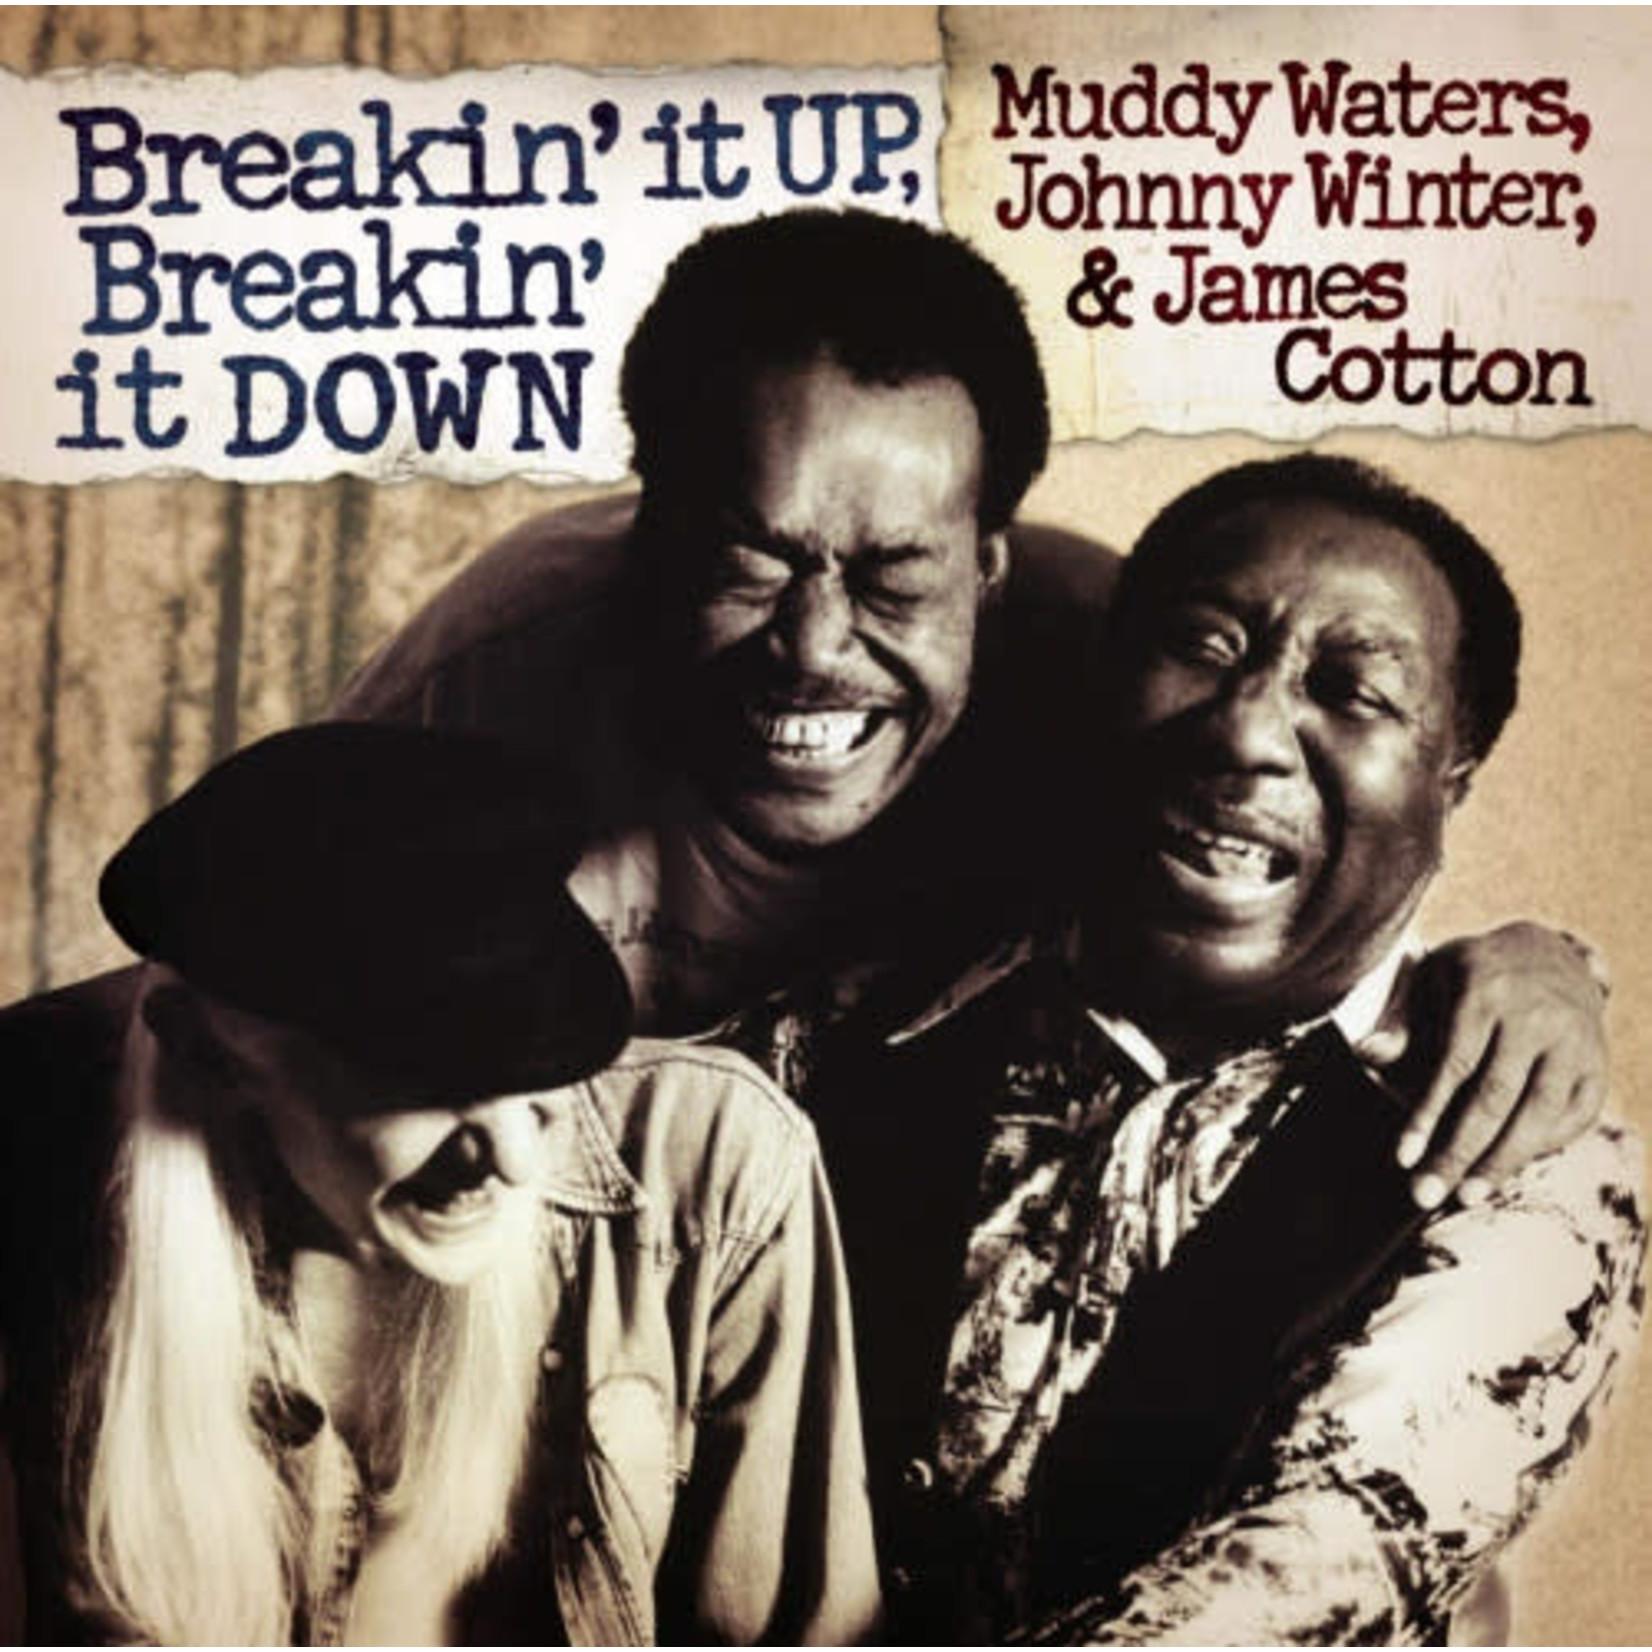 MUDDY WATERS BREAKIN' IT UP, BREAKIN' IT DOWN (180g AUDIOPHILE TRANSLUCENT GOLD VINYL/LTD ED)